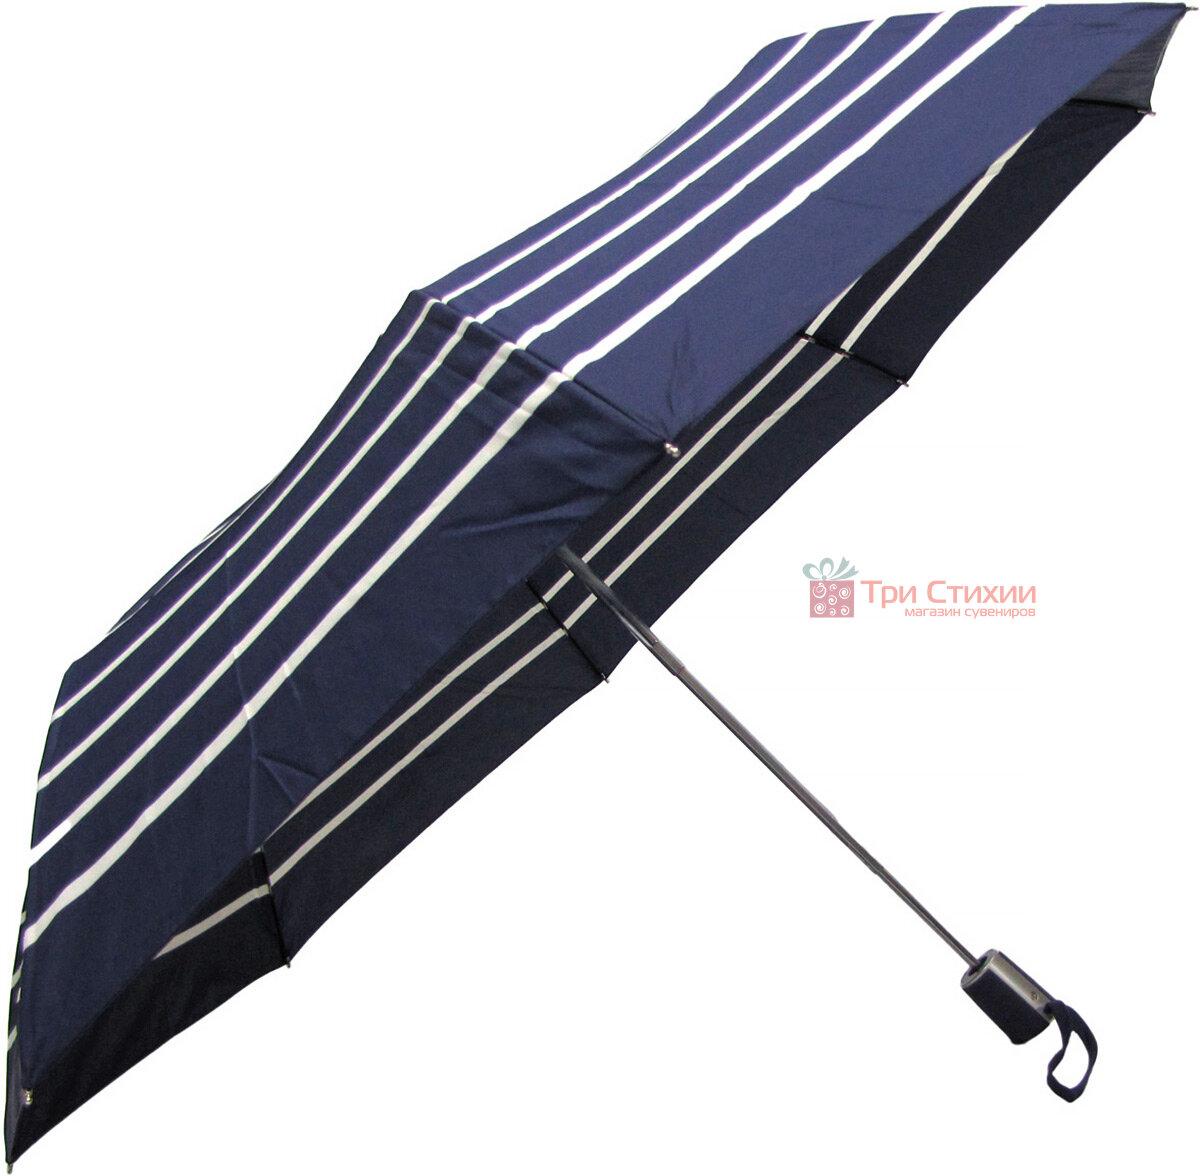 Зонт складной Doppler 730165NE03 полуавтомат Синий в полоску, фото 3